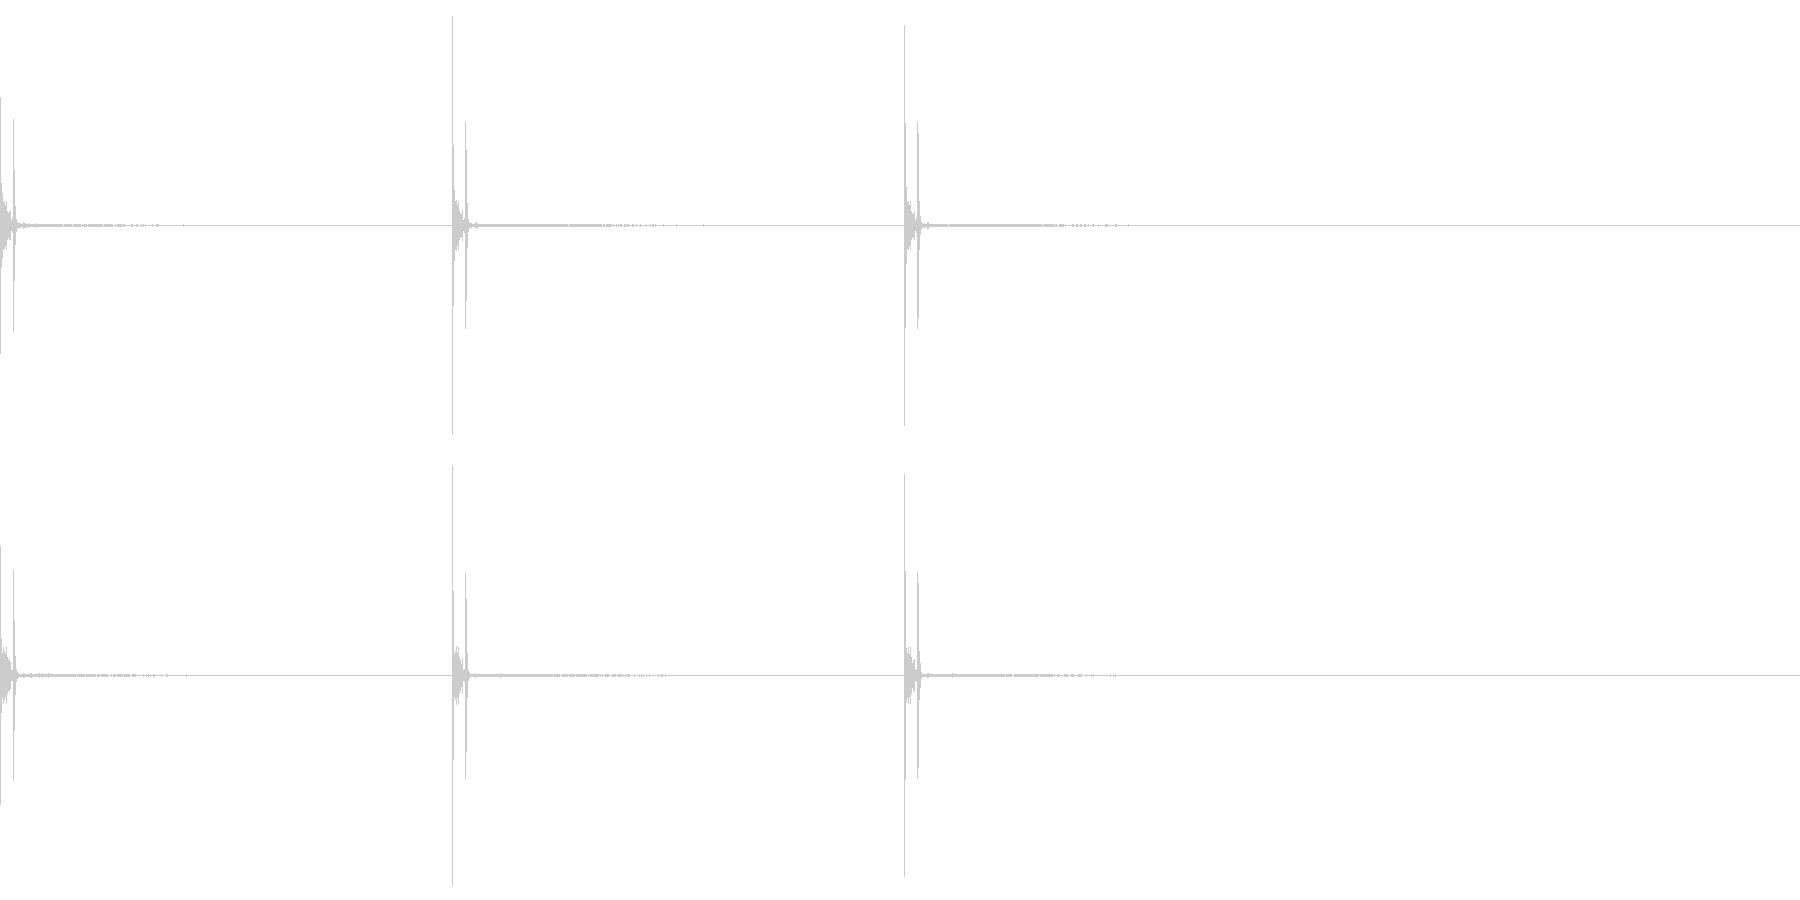 スナップ 催眠術 パッチン×3 の未再生の波形